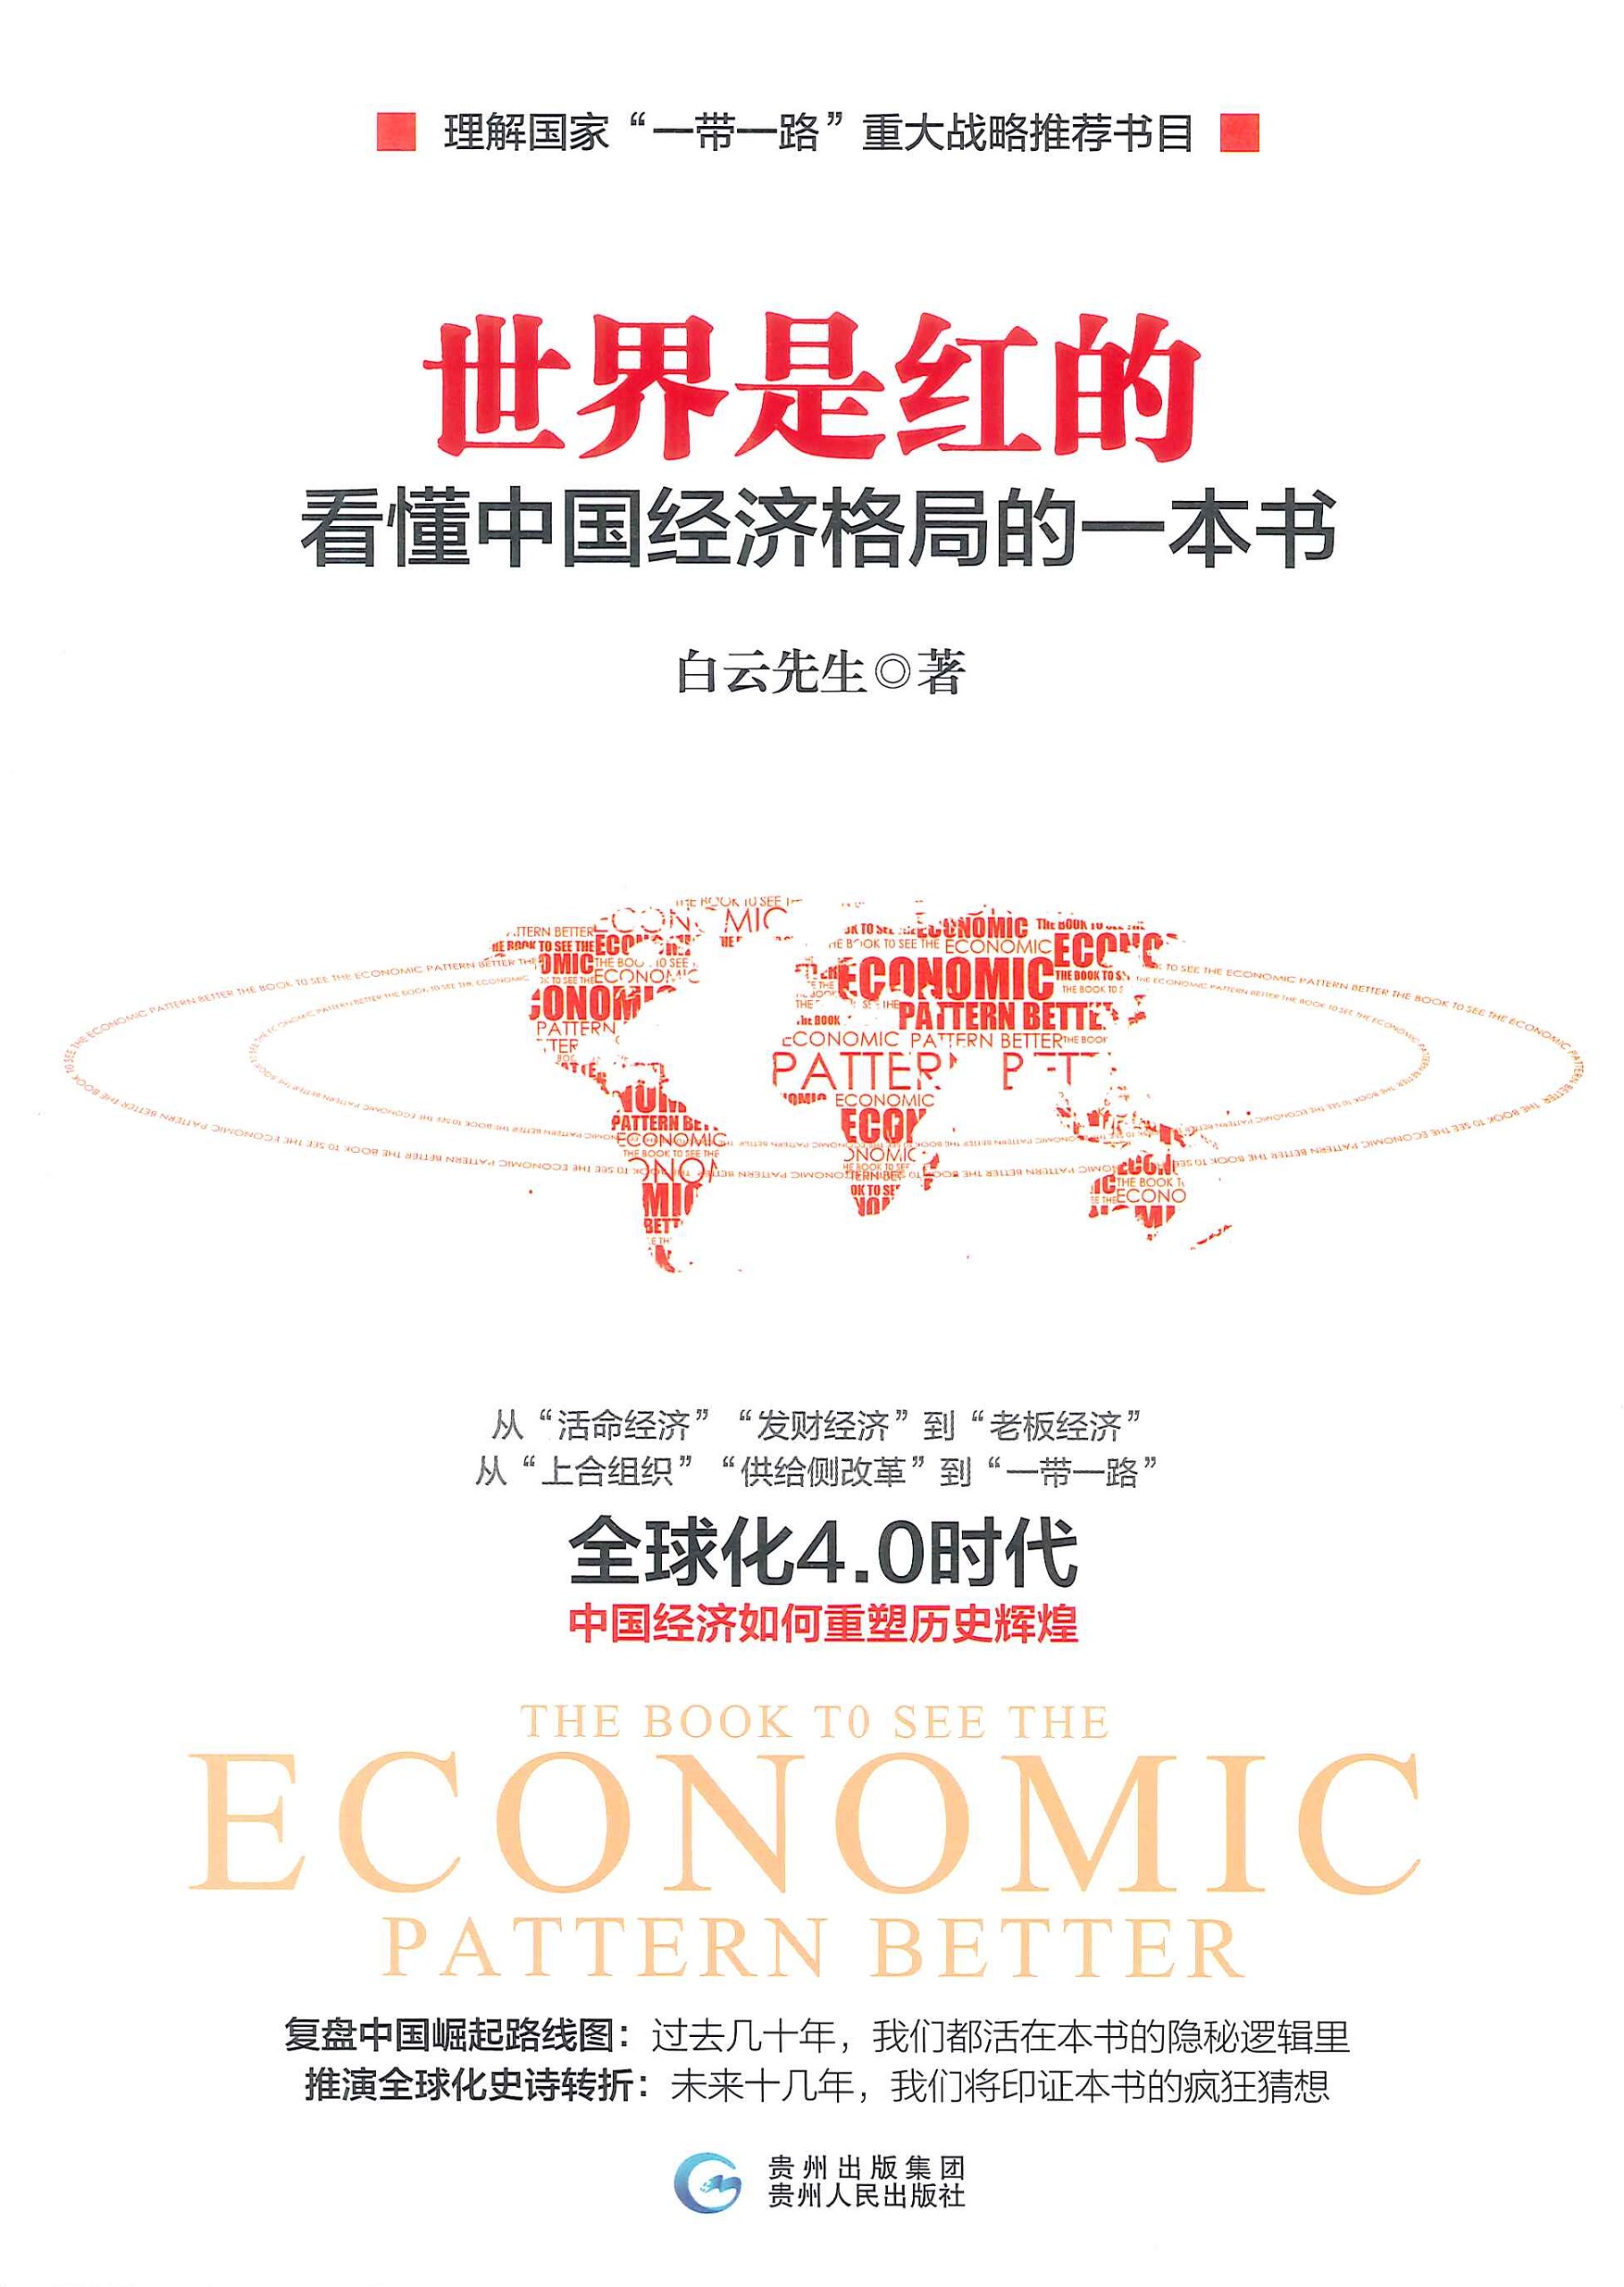 世界是红的:看懂中国经济格局的一本书=The book to see the economic pattern better